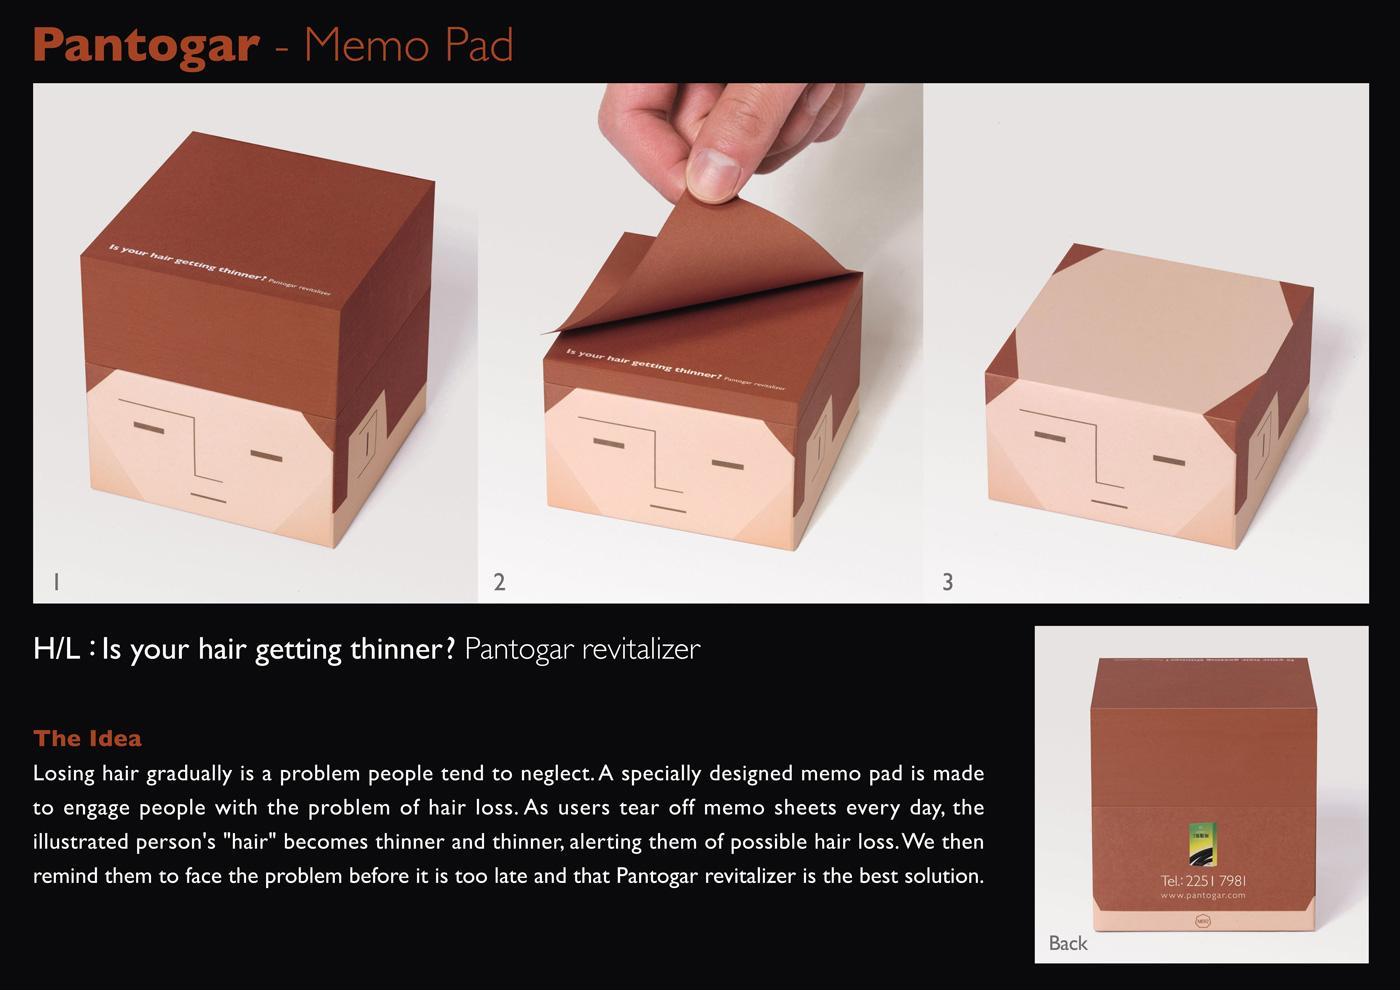 Pantogar Direct Ad -  Memo pad